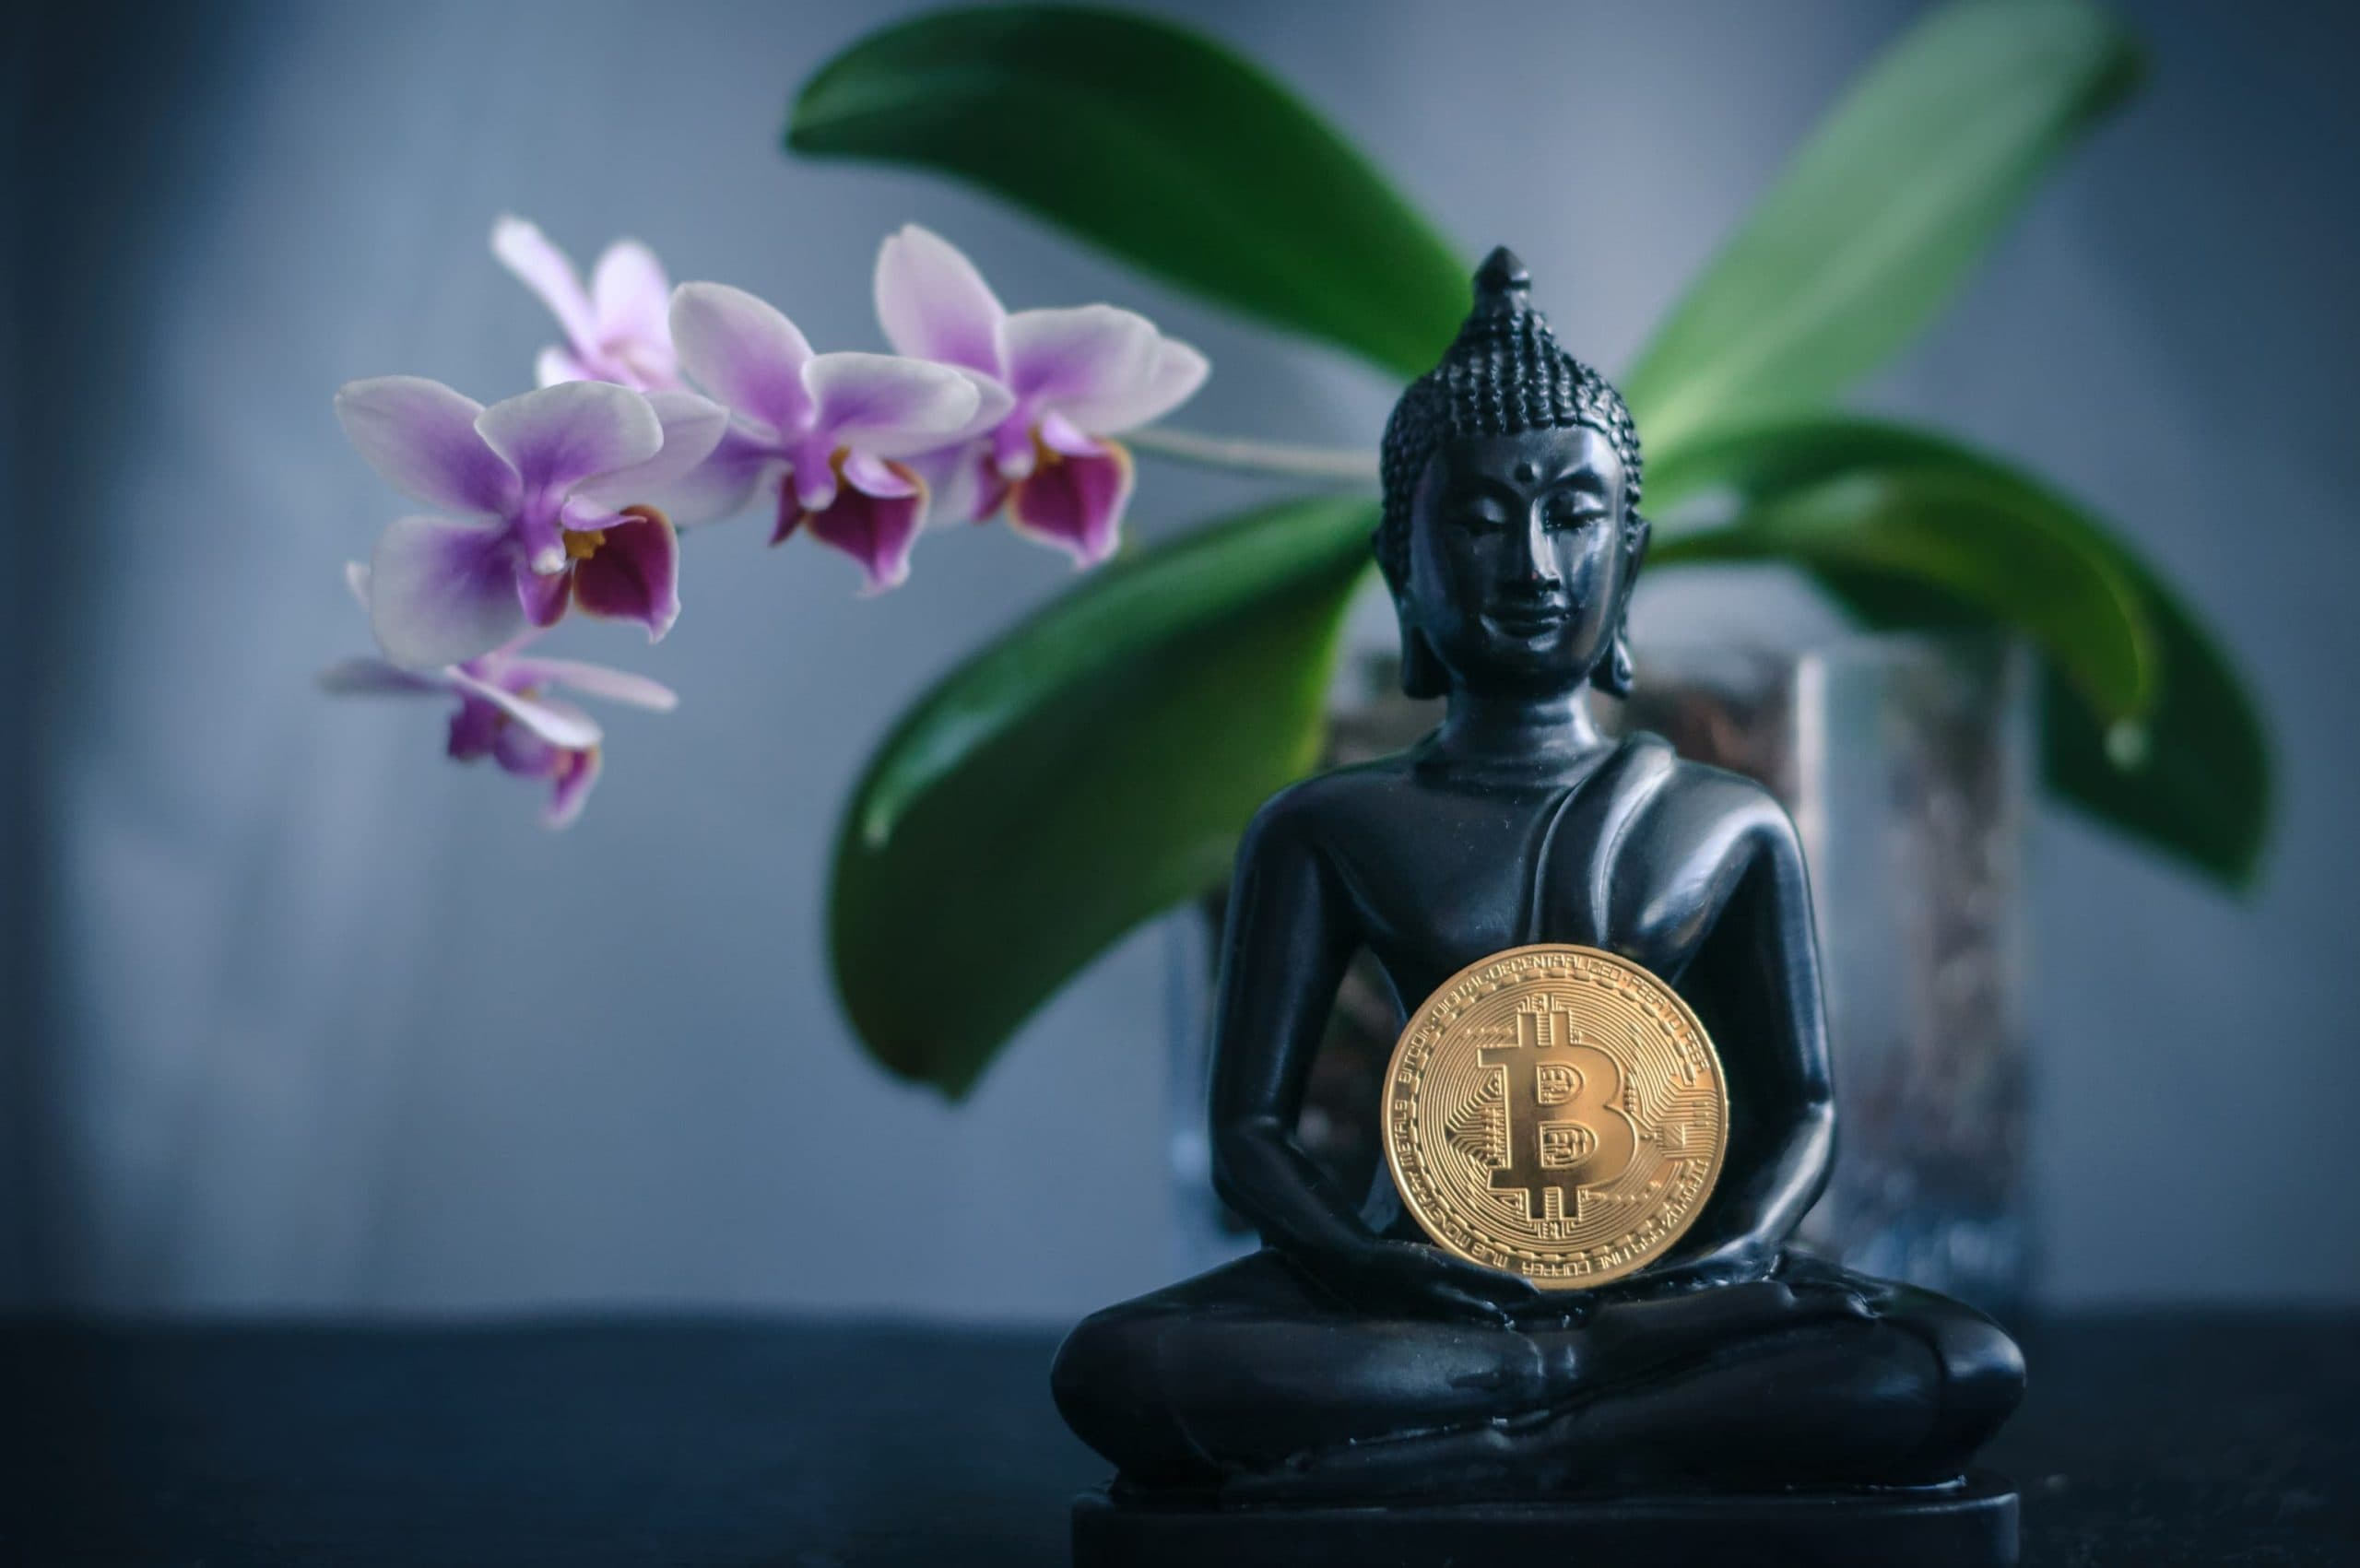 Eine Bitcoin-Münze im Schoß einer Buddha-Statue, im Hintergrund eine Orchidee